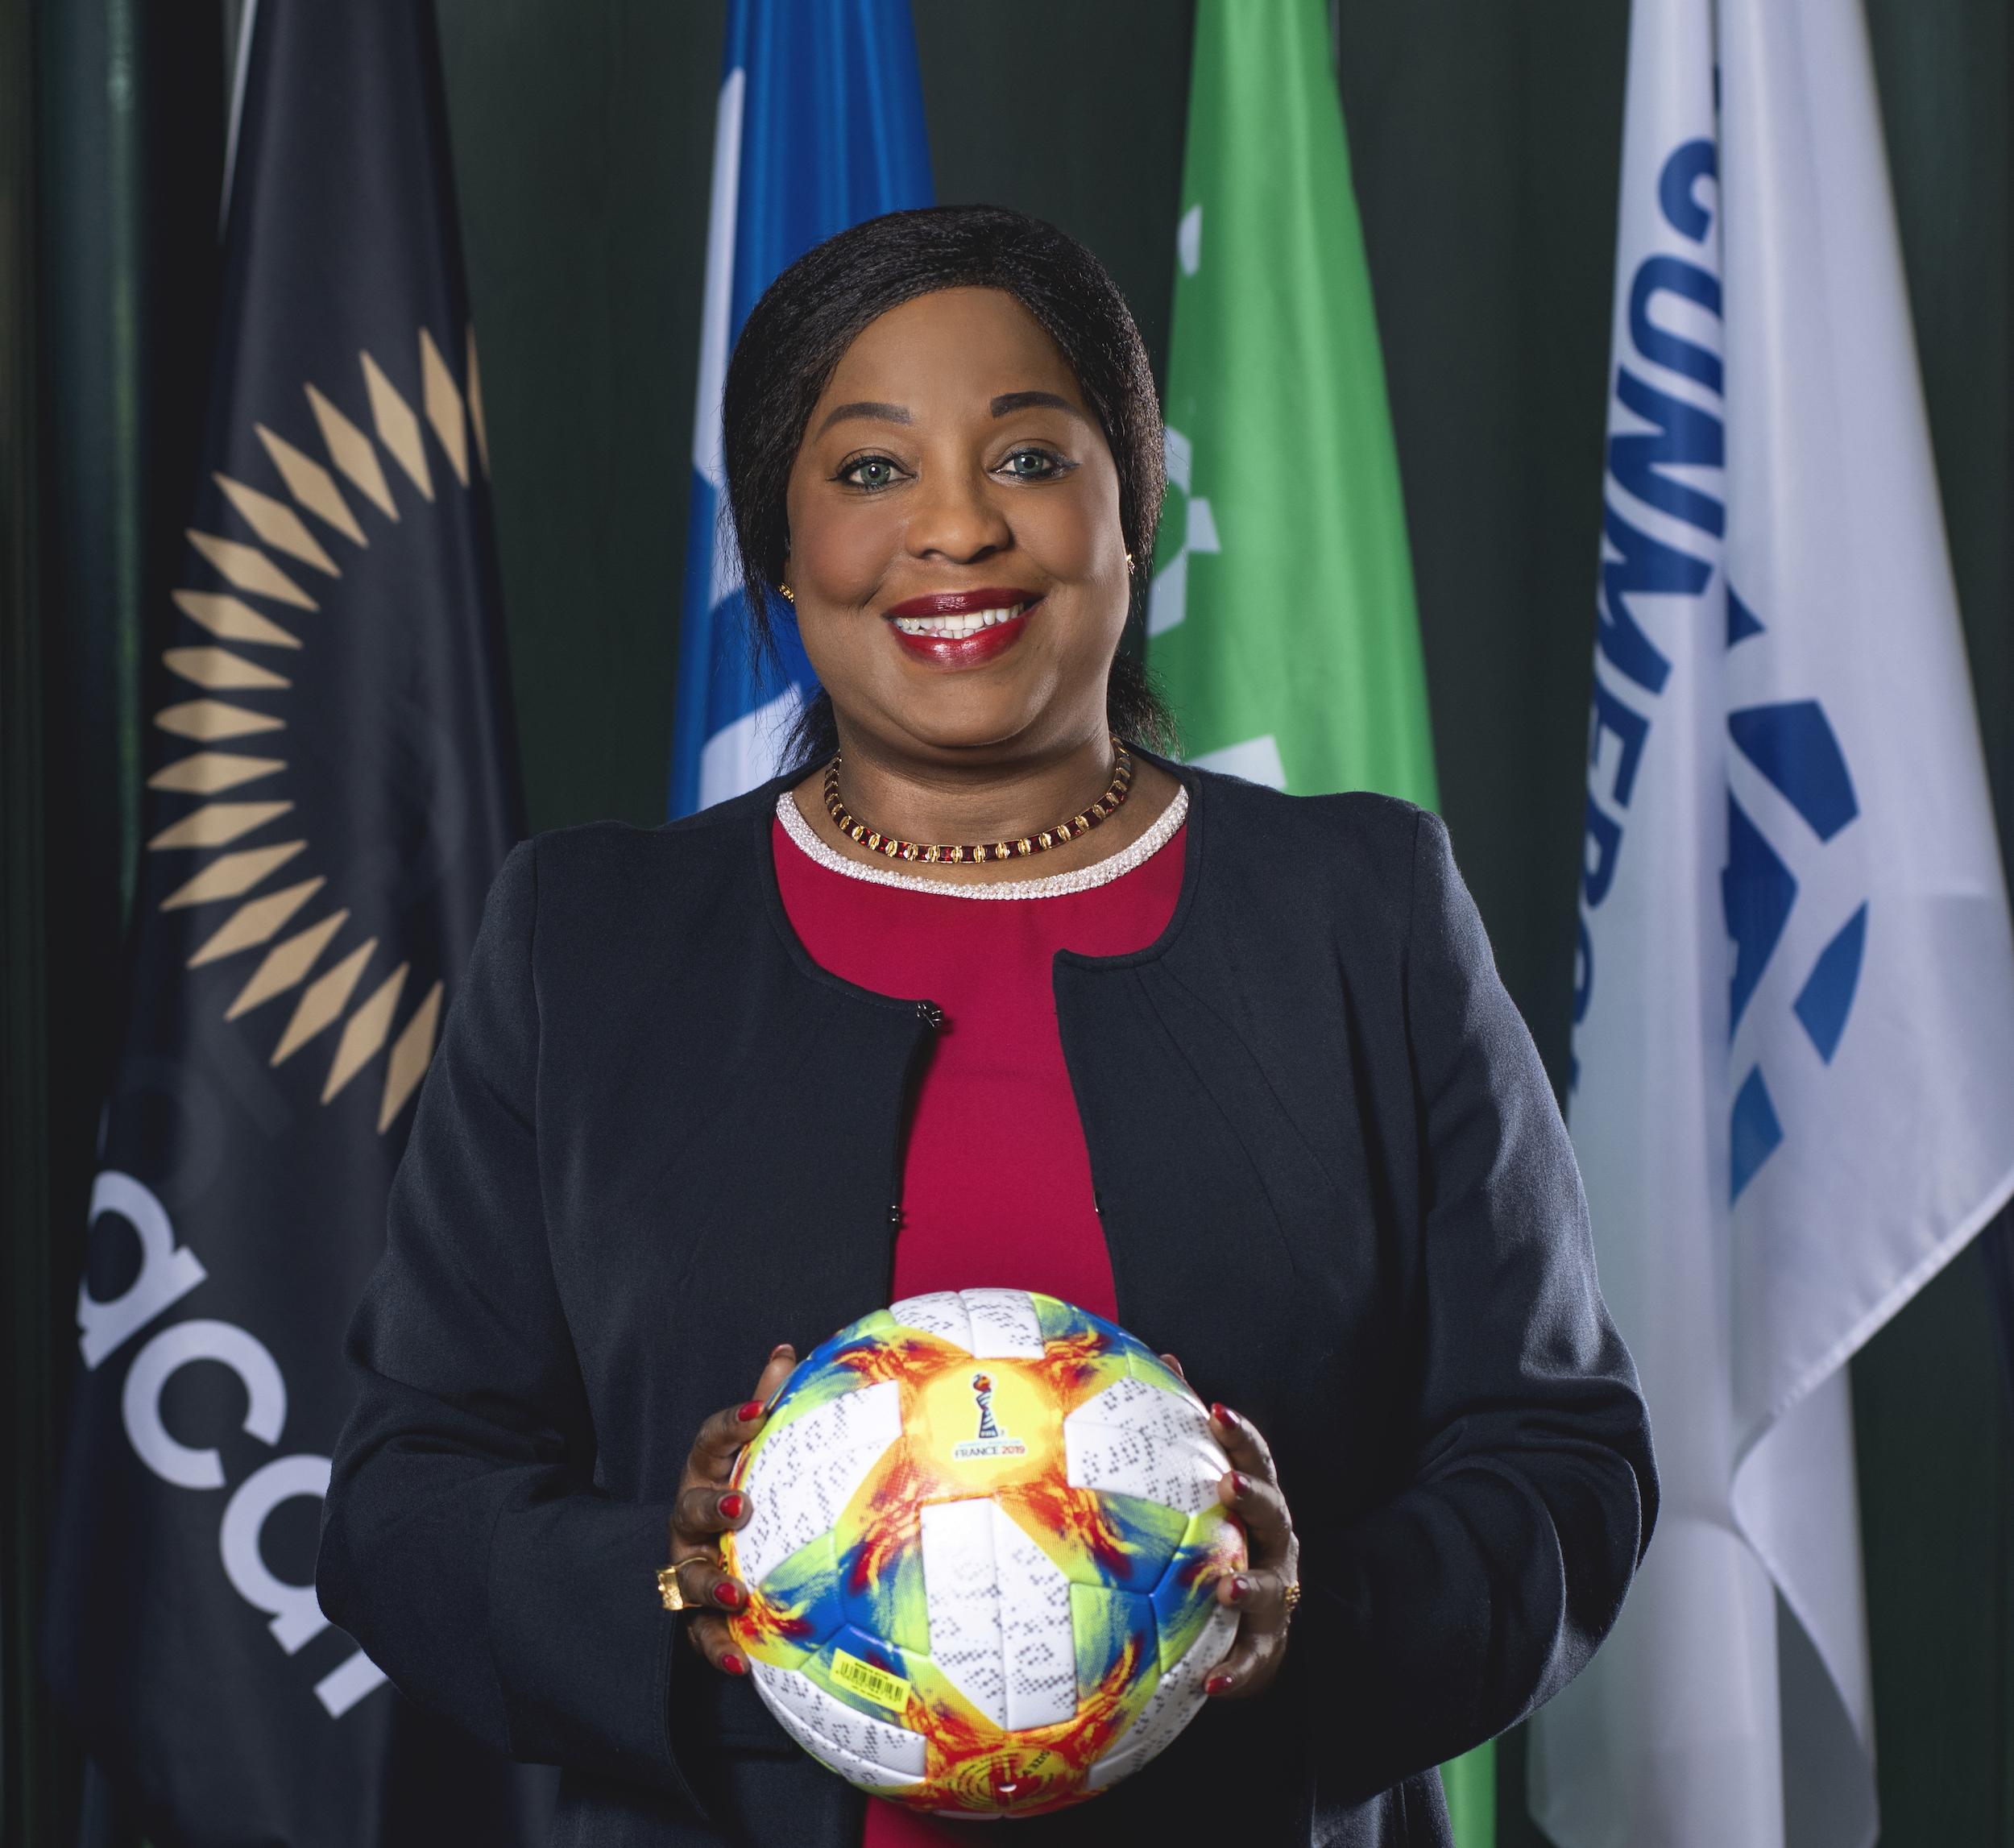 Hall of Fame : Fatma Samoura, secrétaire générale de la FIFA, honorée pour ses actions